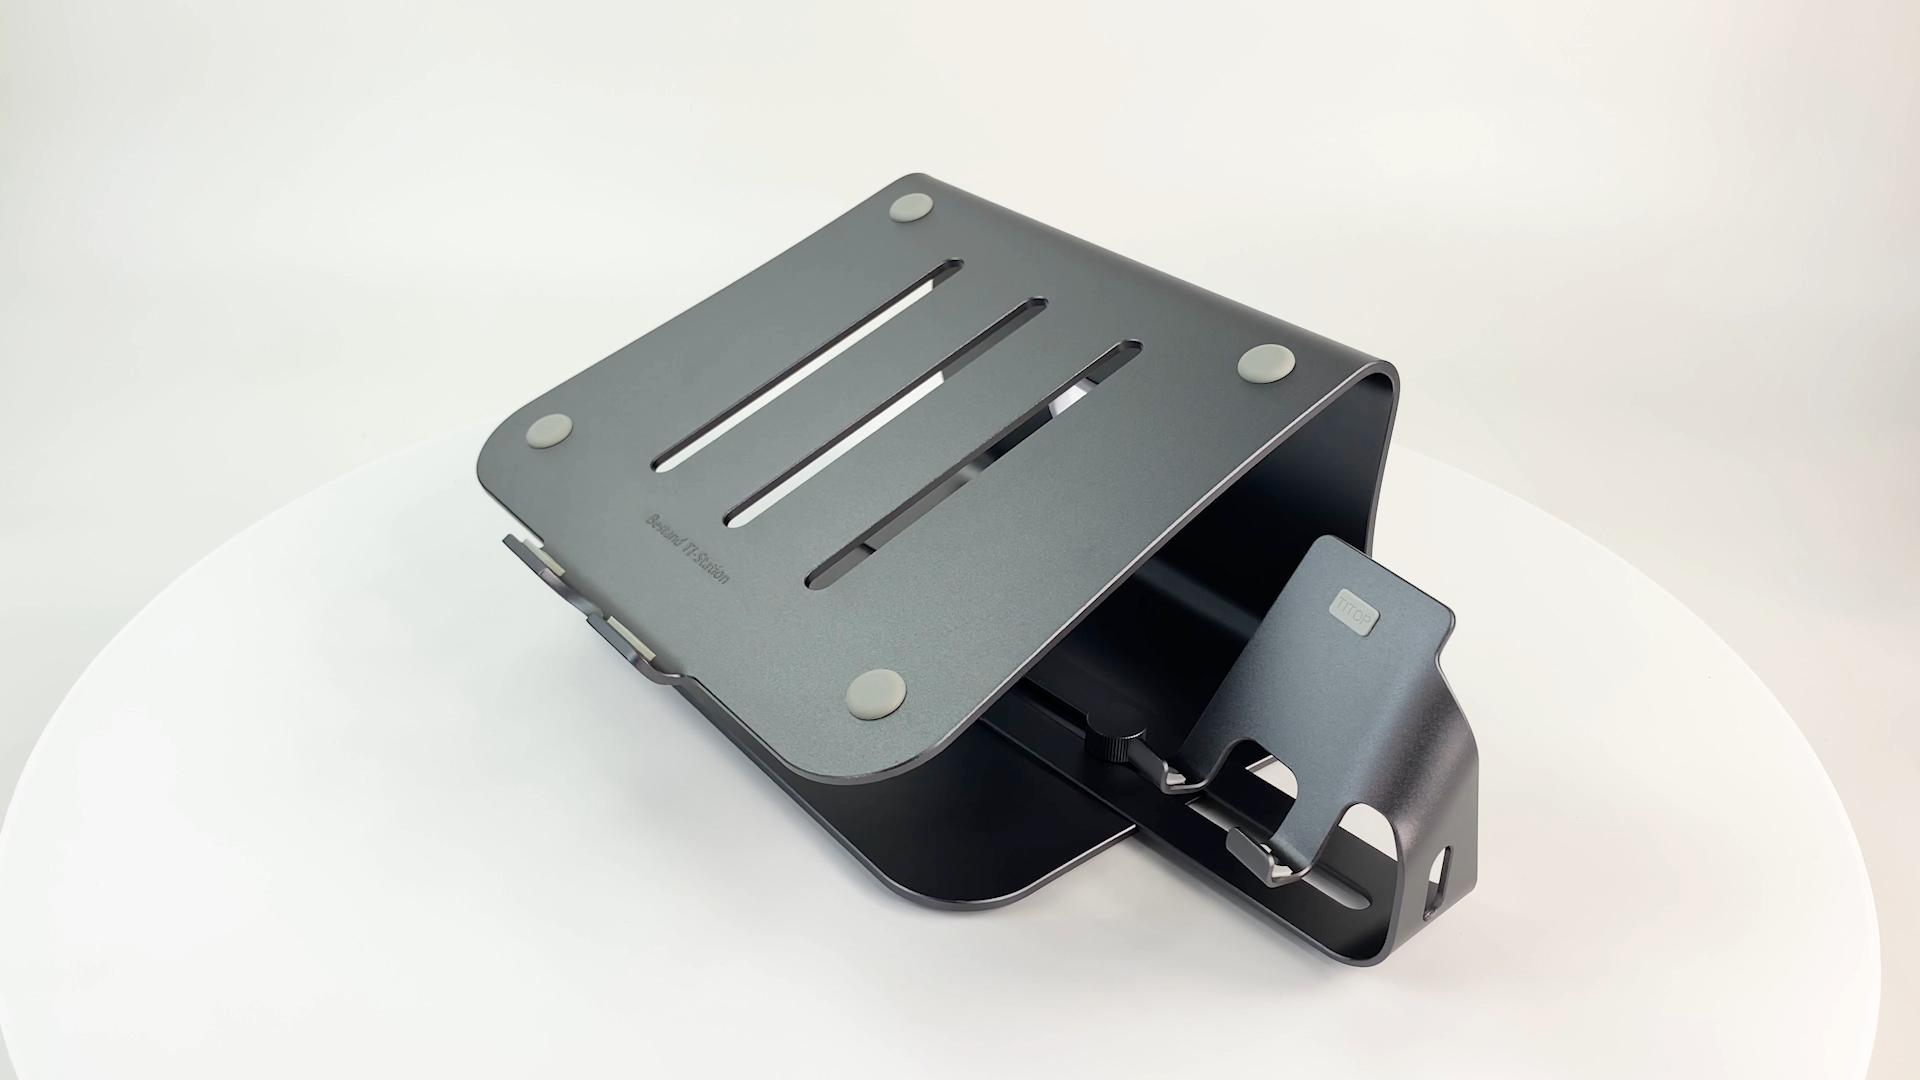 Ergonomic Aluminium Invisible Laptop Stand With Mobile Phone